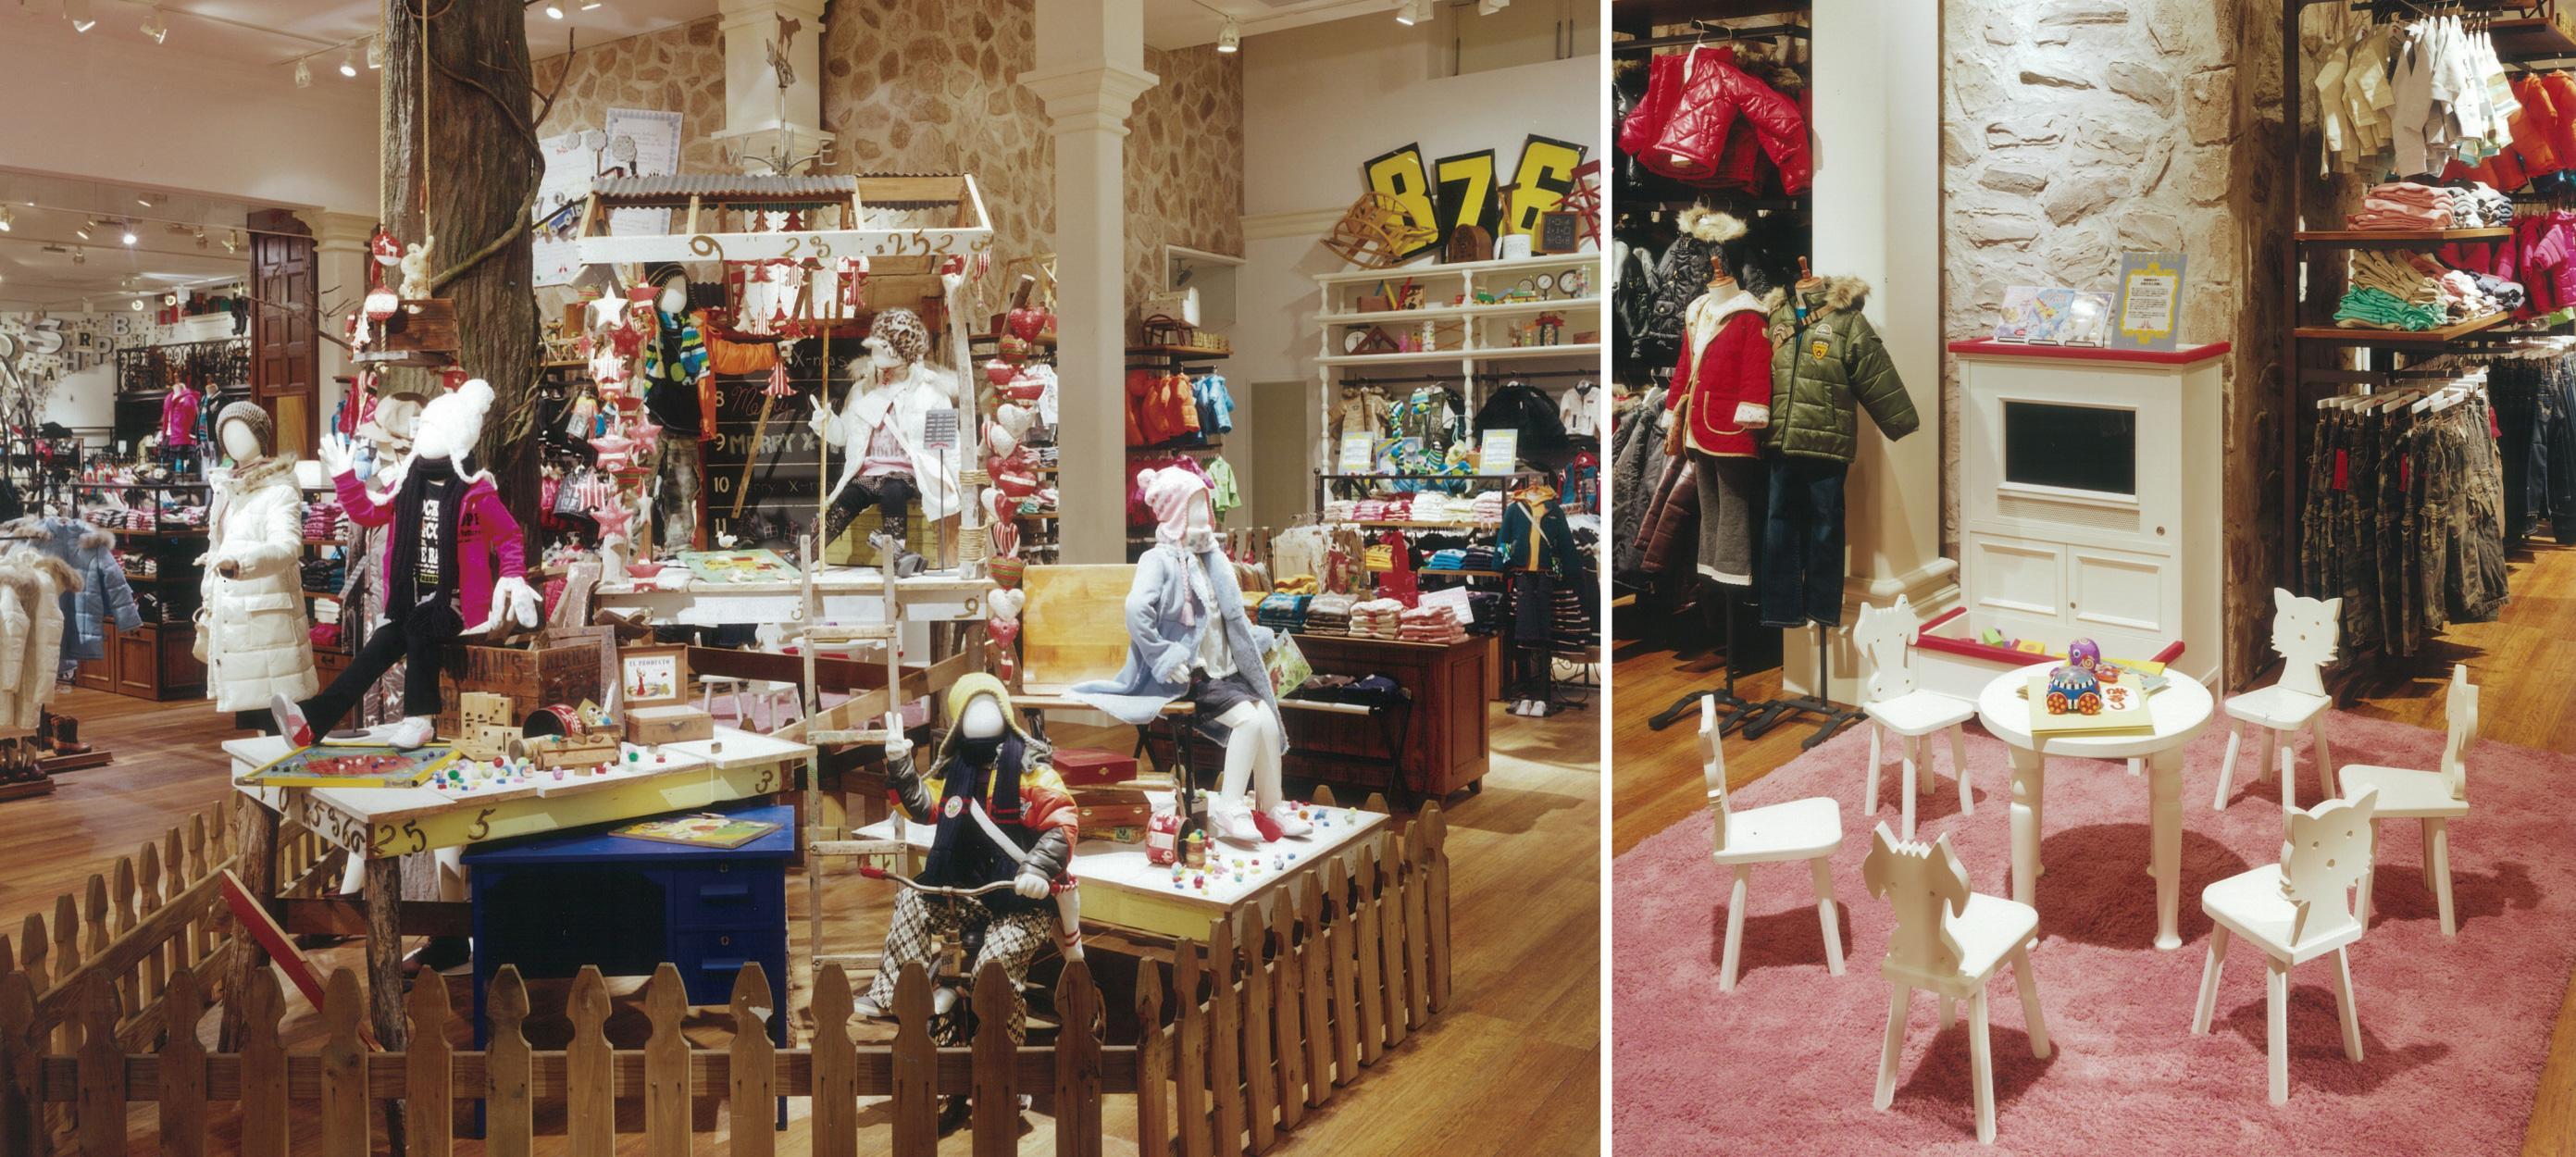 総合ファッションアパレル企業、株式会社ワールドのファッションブランド、DOOROOMOO(ドゥールームー)伊勢崎店の店舗デザイン、外観